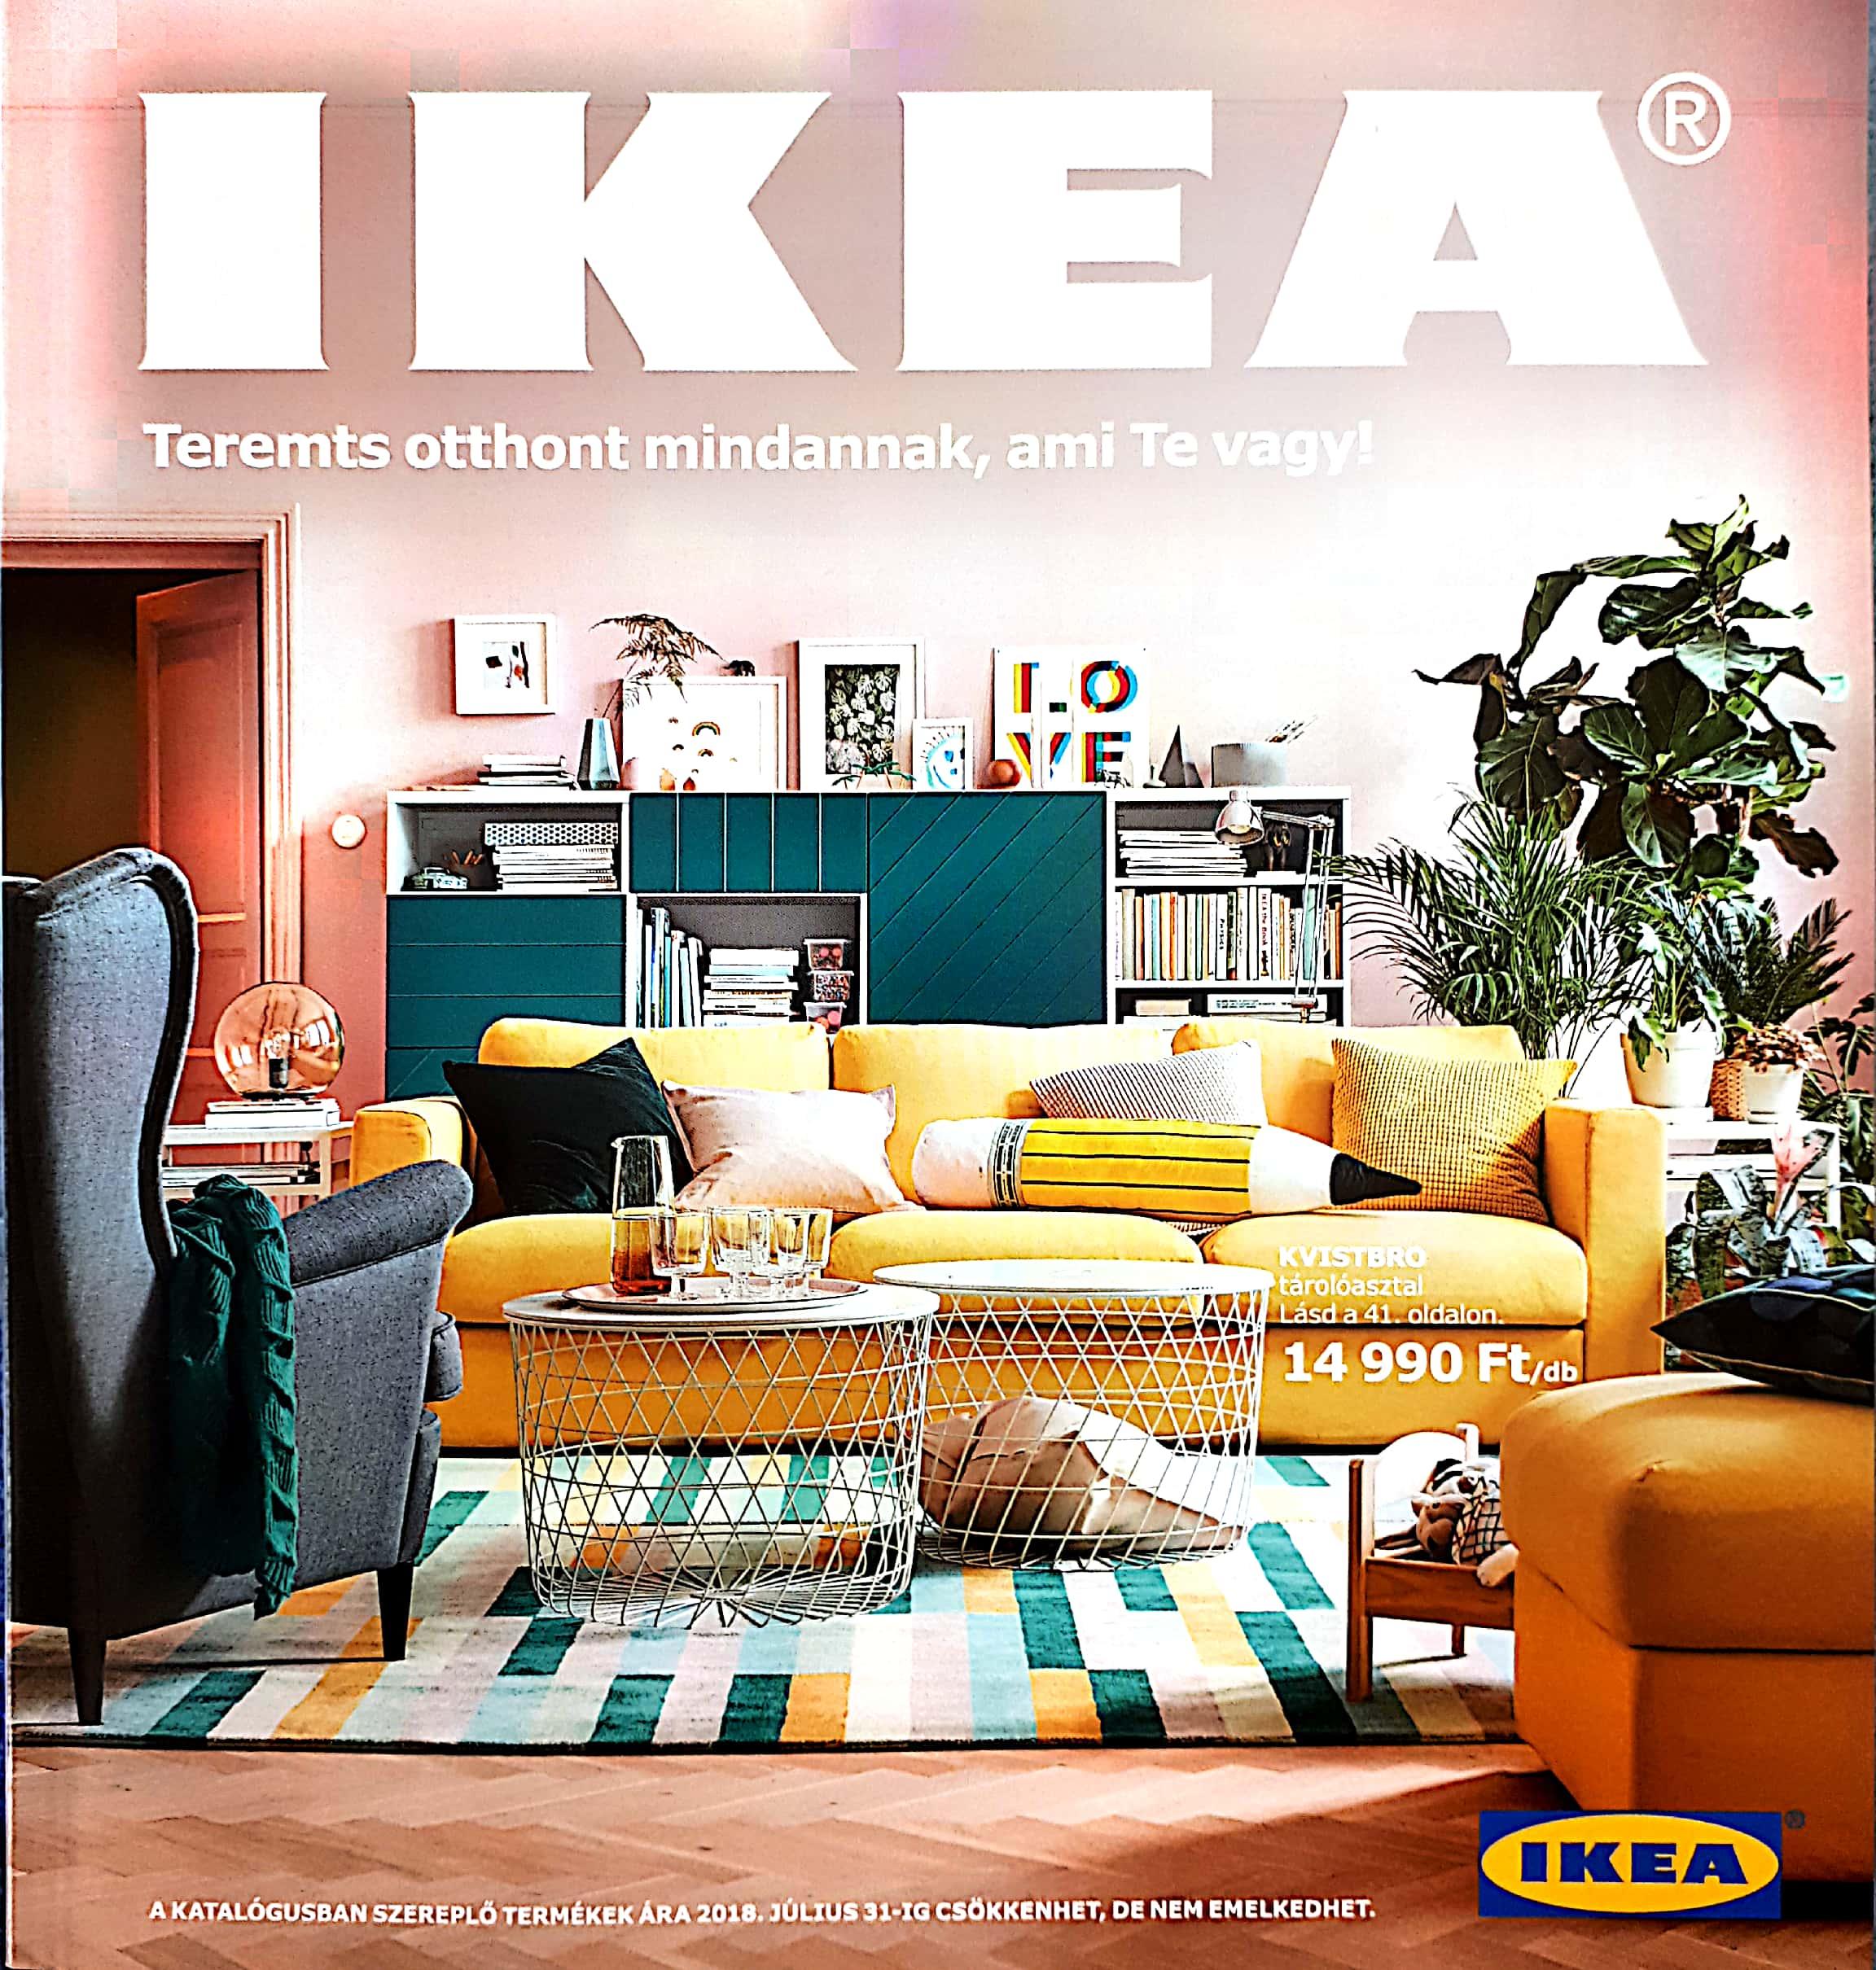 IKEA Katalógus 2018